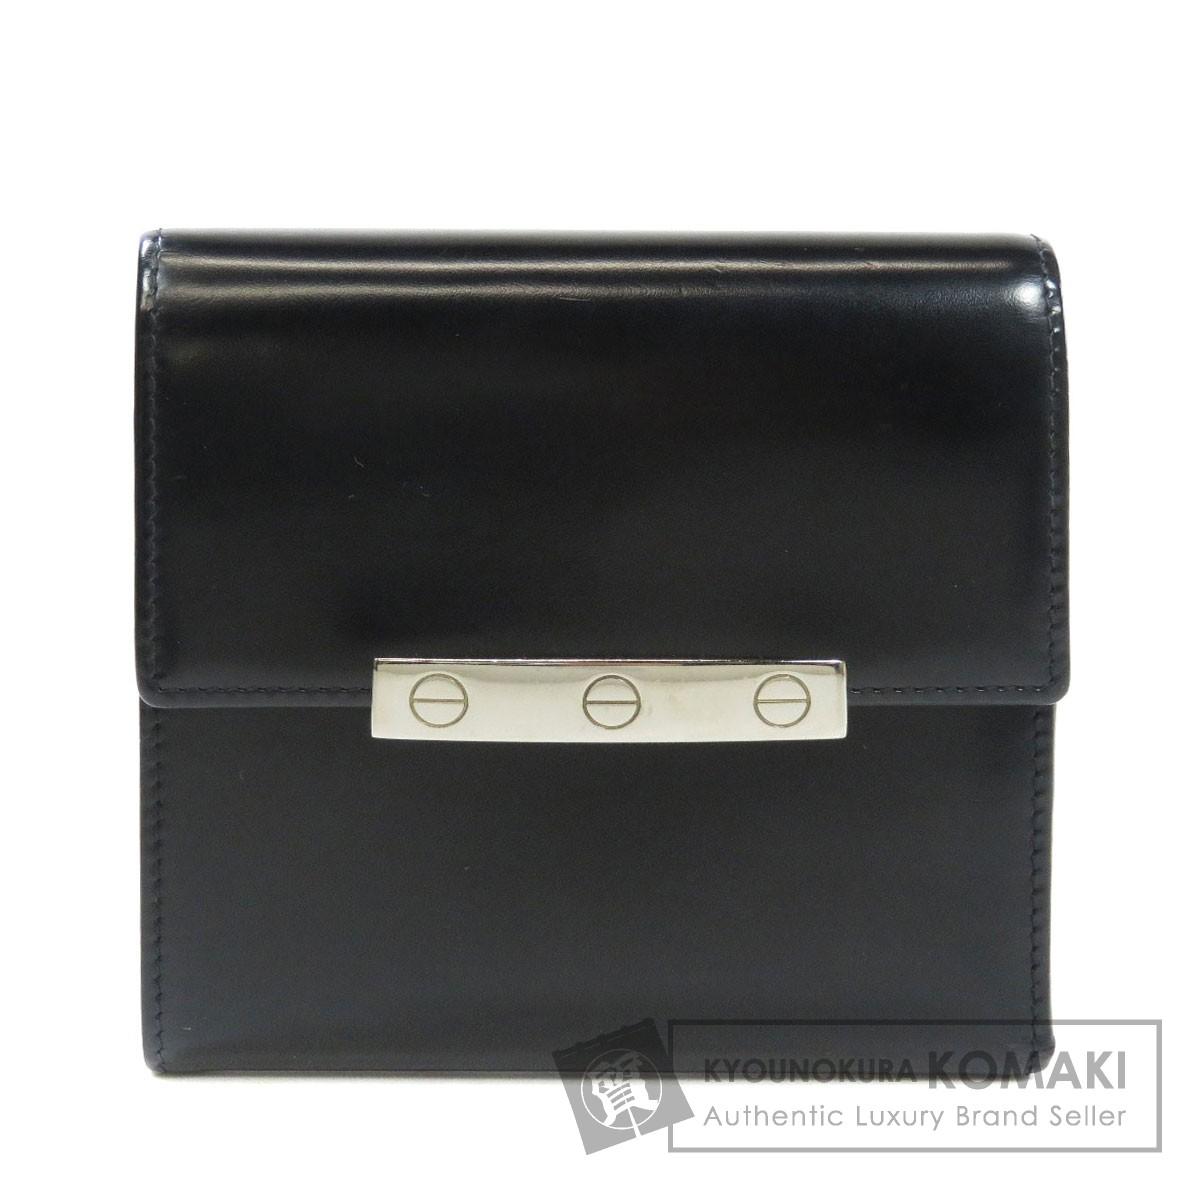 カルティエ 金具モチーフ 二つ折り財布(小銭入れあり) パテントレザー レディース 【中古】【CARTIER】